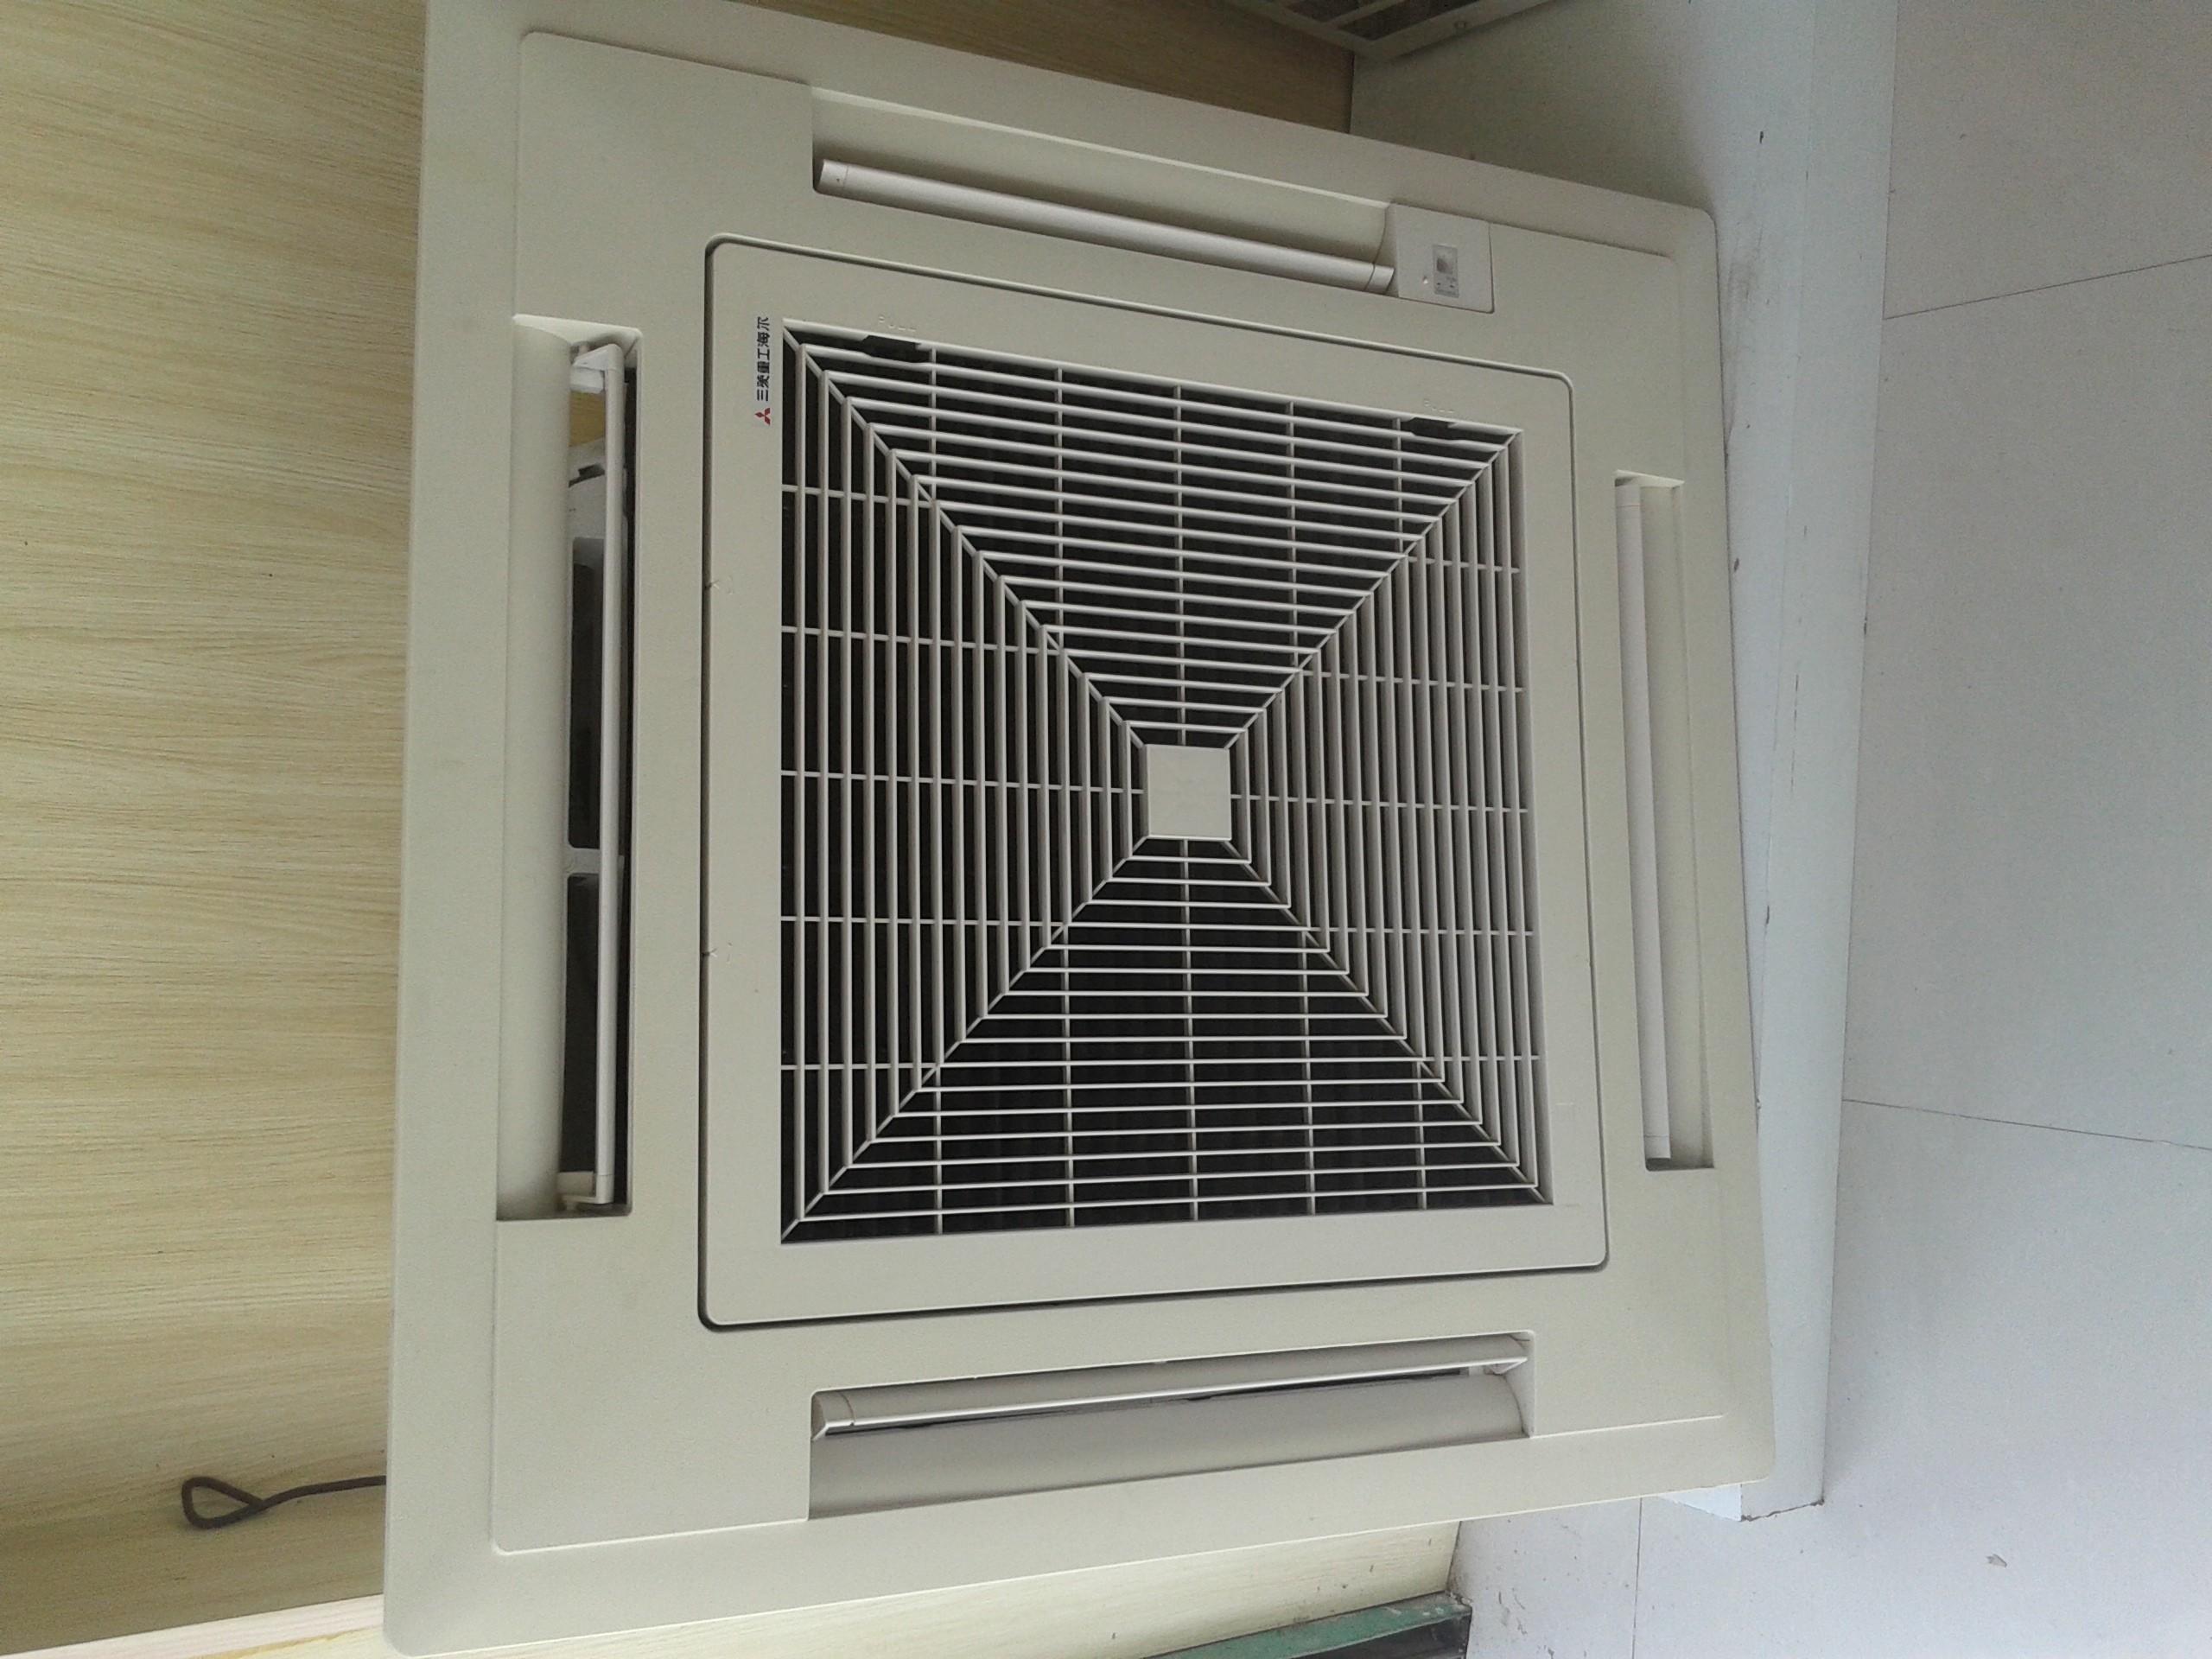 麦格维尔中央空调多少钱—麦格维尔中央空调品牌介绍